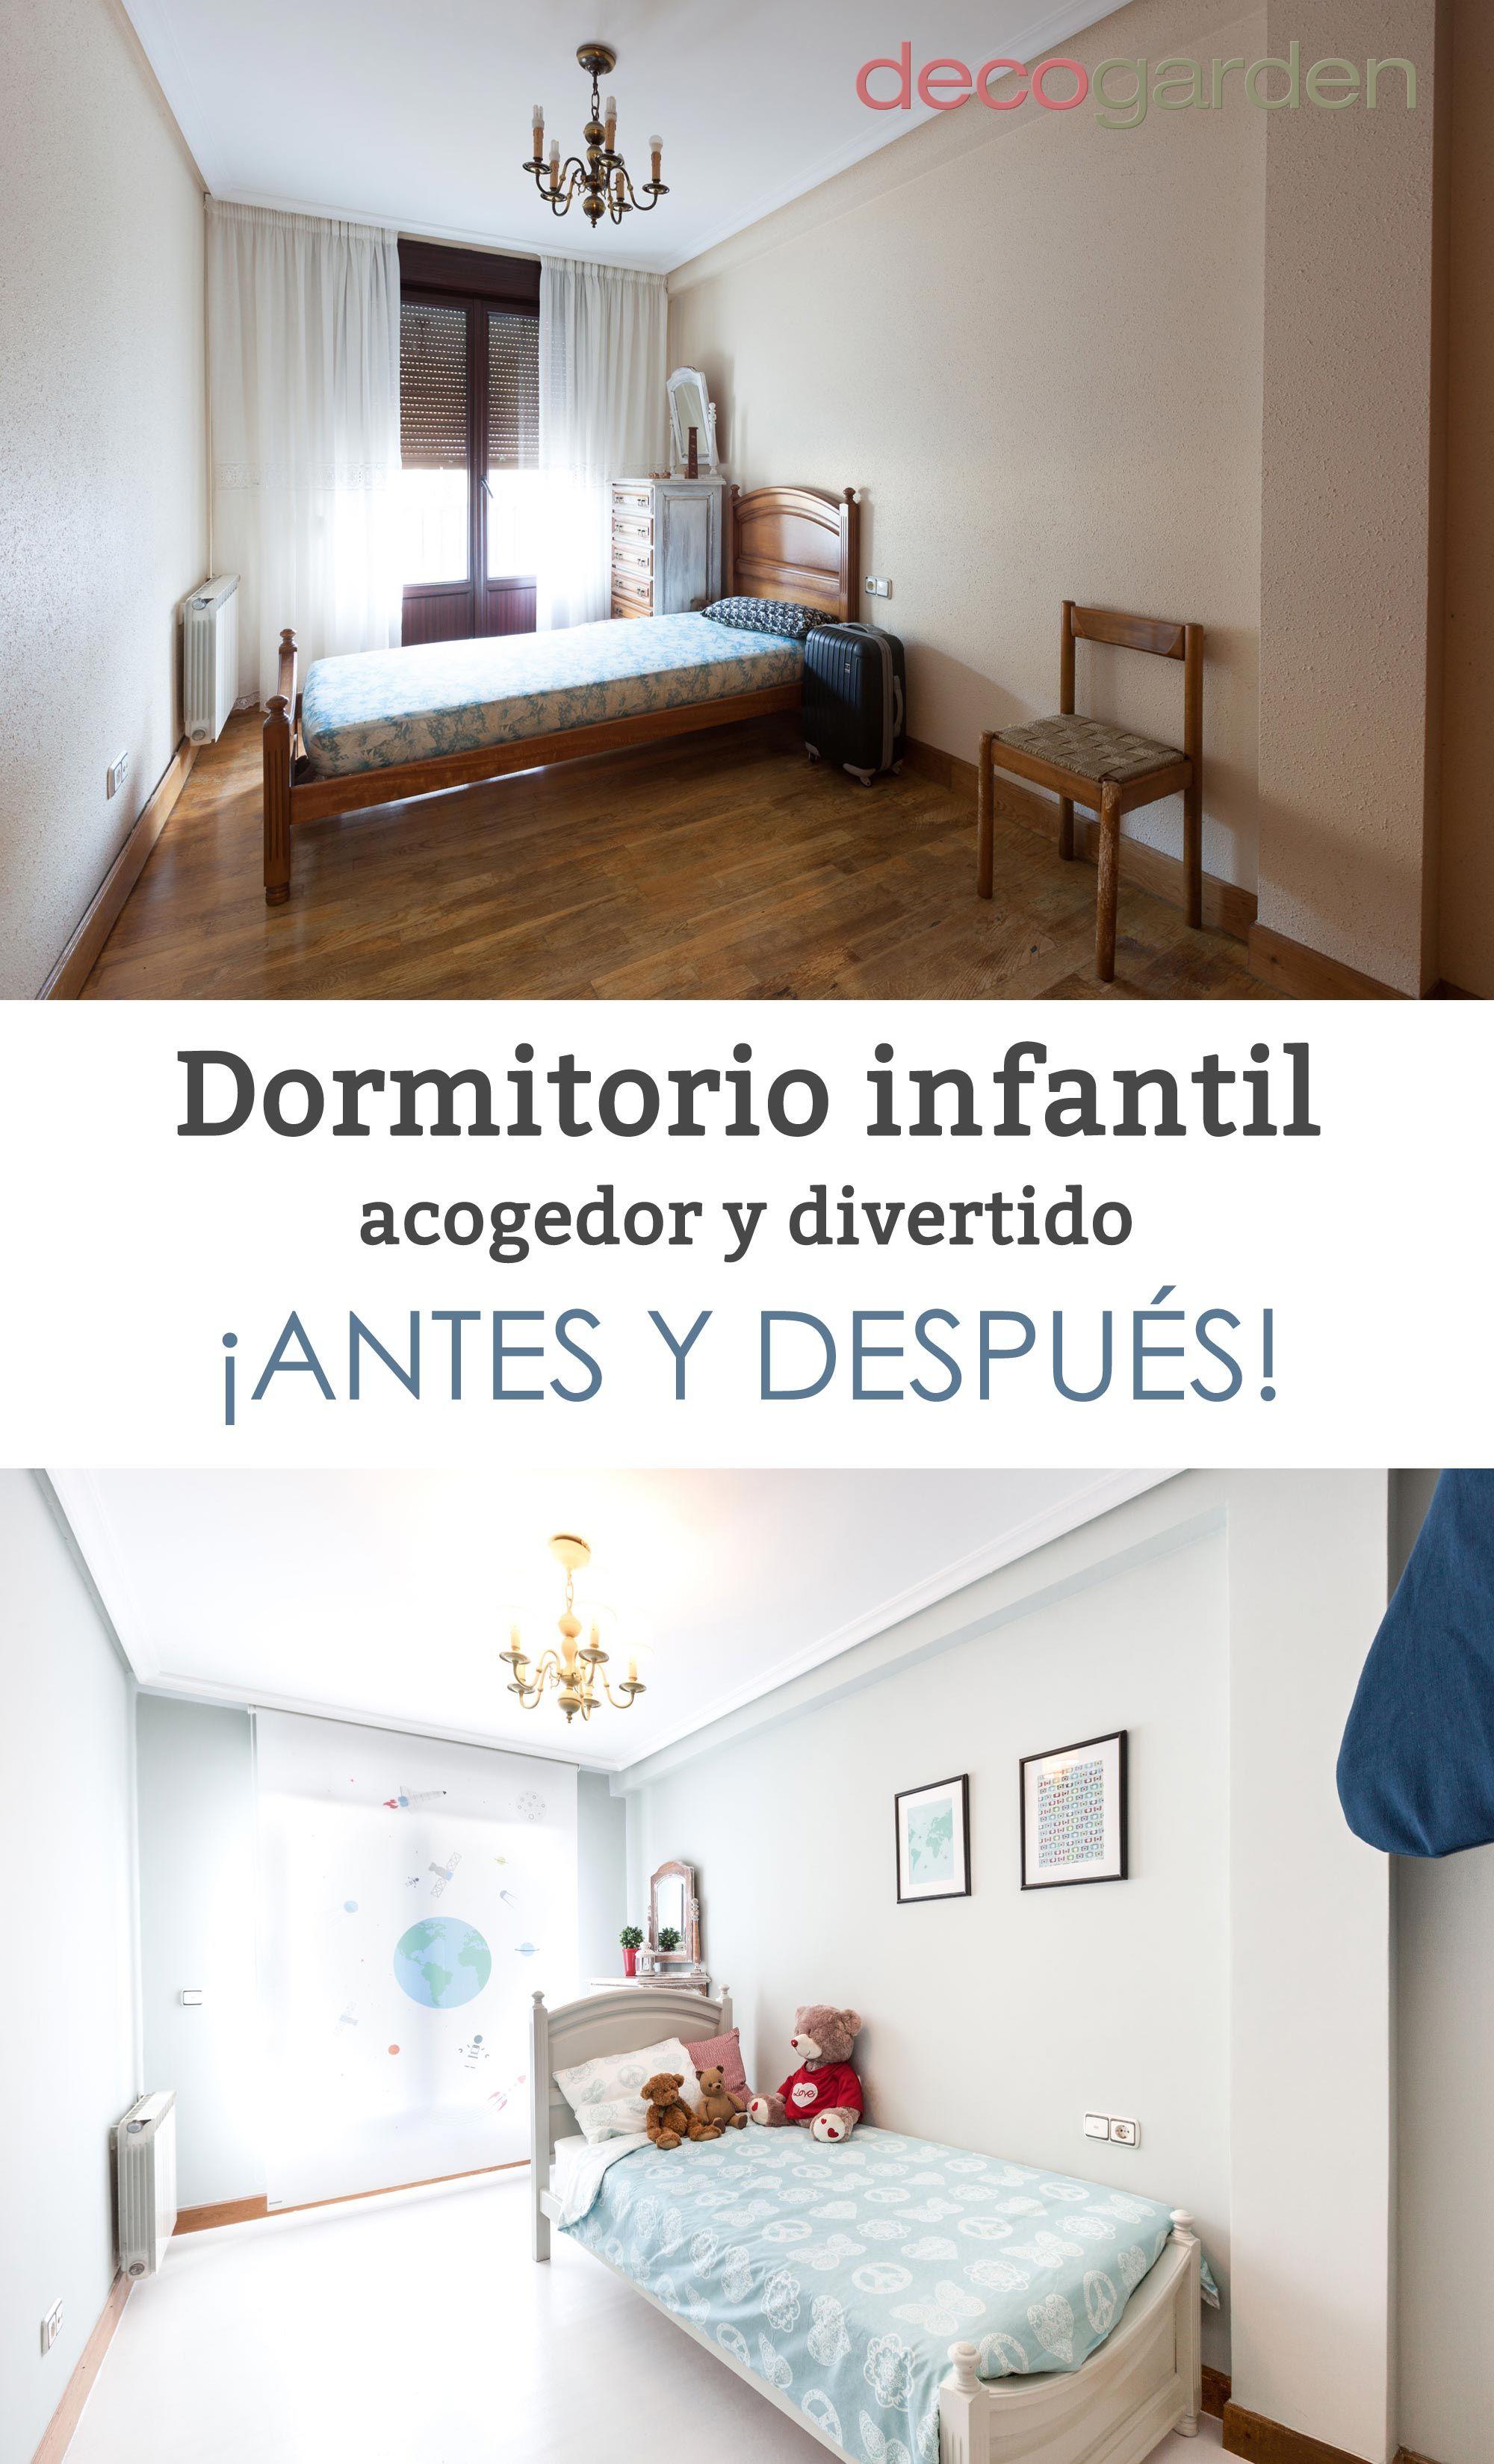 Decorar Dormitorio Infantil Acogedor Y Divertido #decoración #decogarden  #decoration #infantil #dormitorio